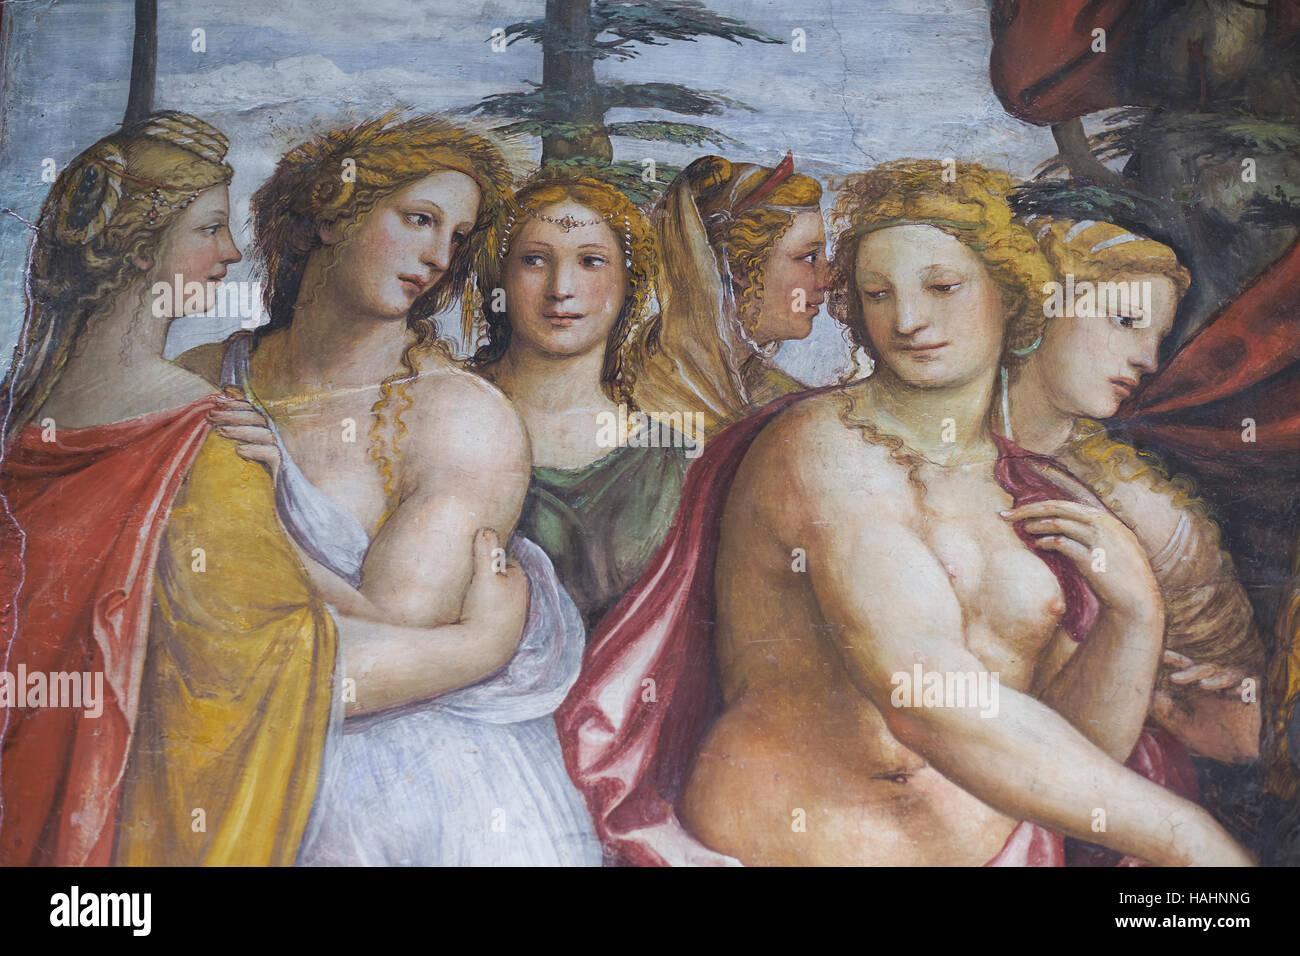 Affresco e dettagli ornamentali di Villa Farnesina. Roma, Italia Immagini Stock